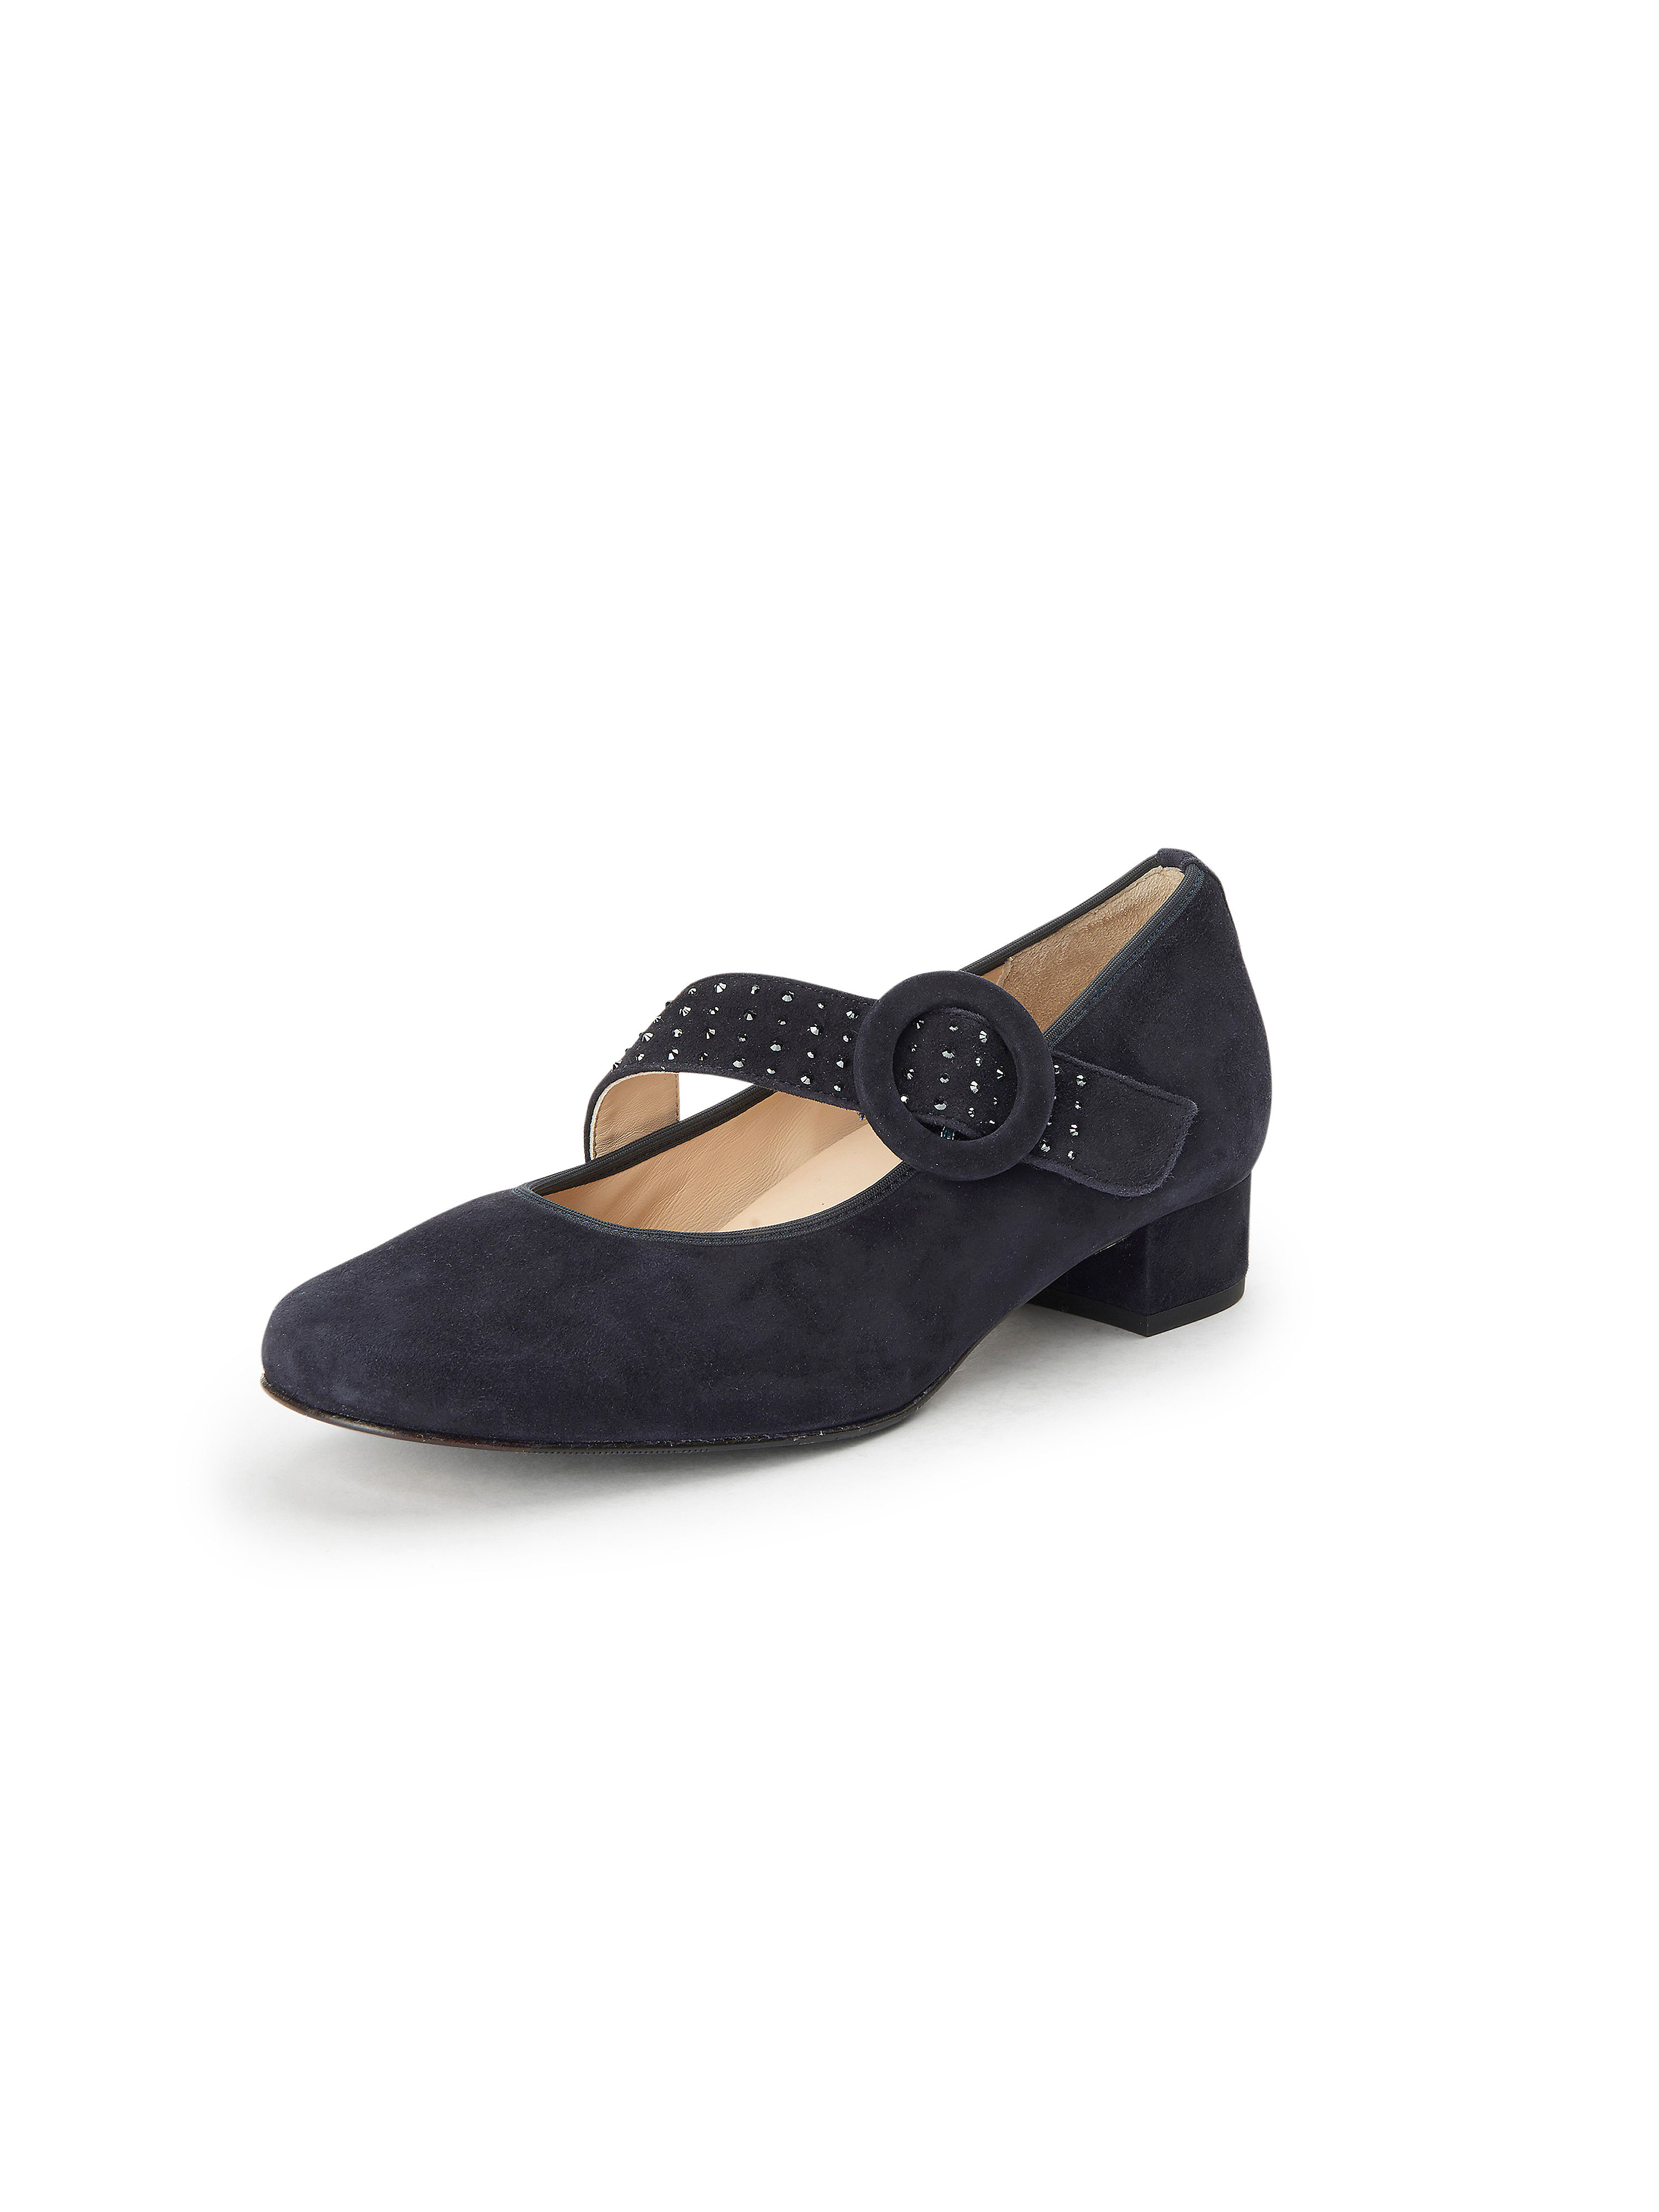 Spangen-Pumps Cordoba K aus 100% Leder Hassia blau | Schuhe > Pumps > Spangenpumps | Hassia